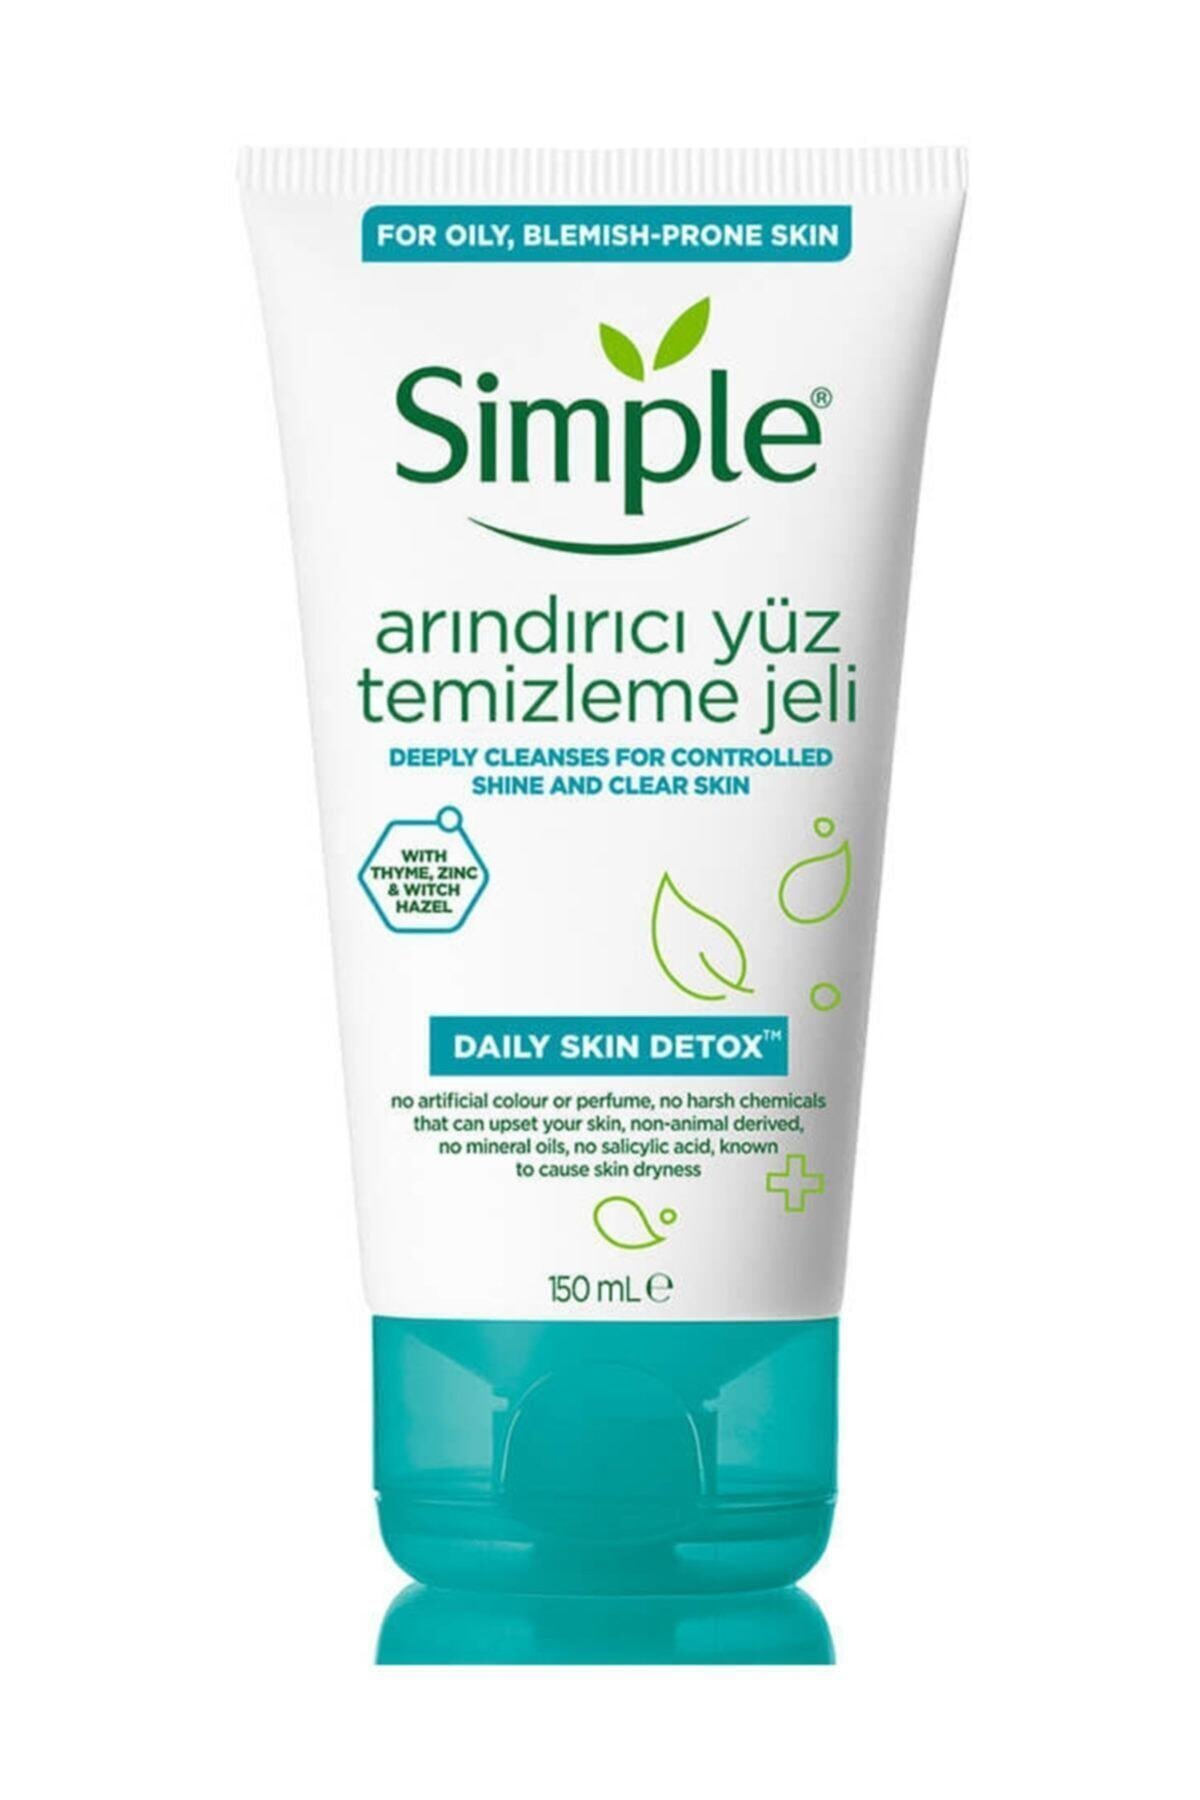 Simple Daily Skin Detox Yağlı/Karma Ciltler İçin Arındırıcı Yüz Temizleme Jeli 150 ml 1